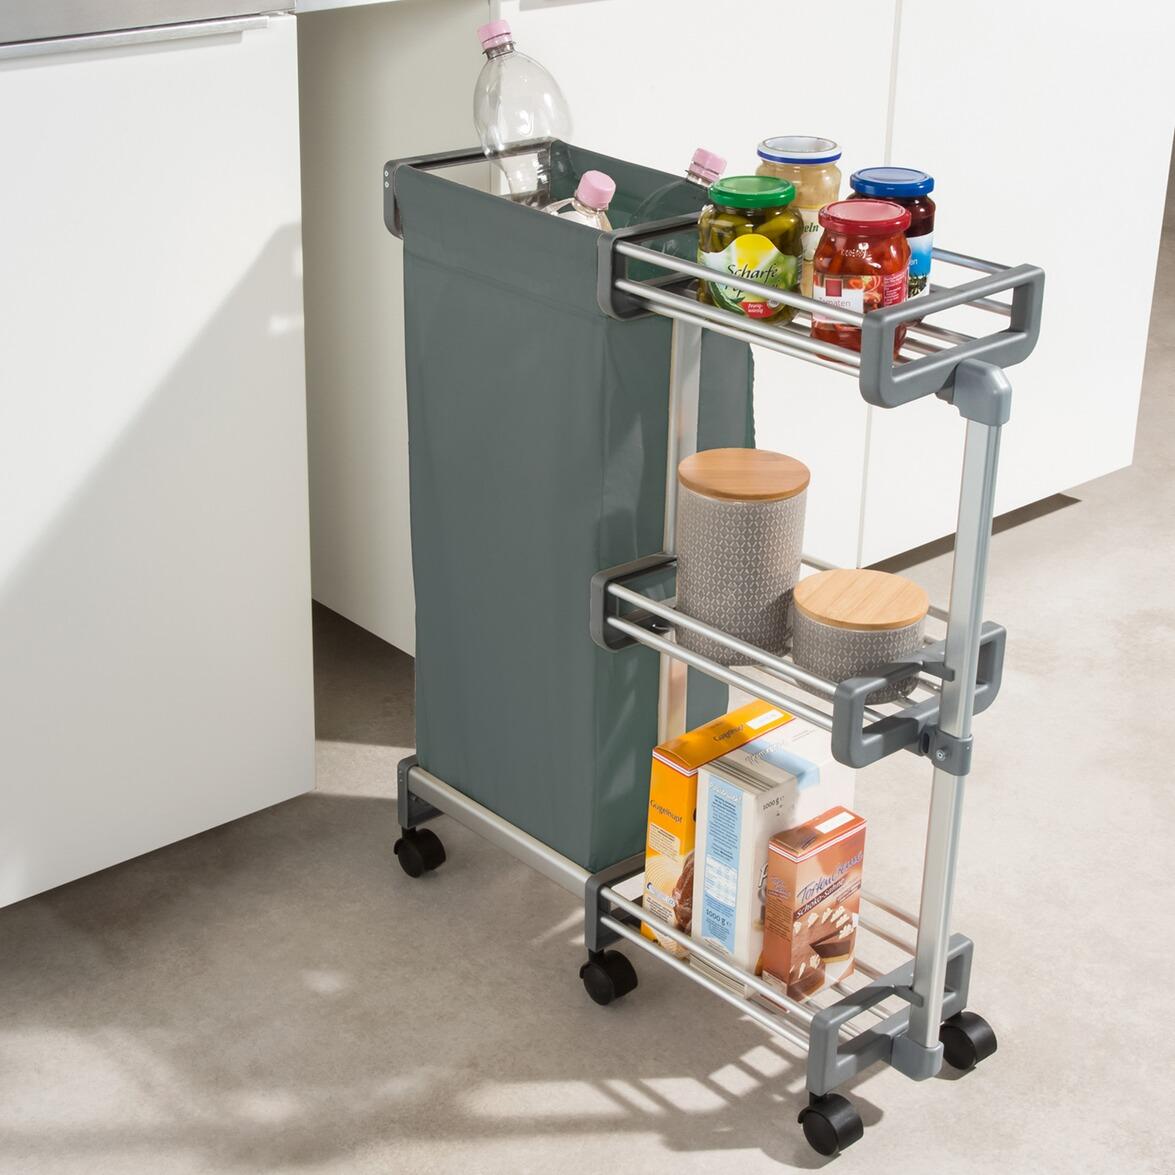 Aufbewahrung kuchenschrank for Kuchenschrank aufbewahrung